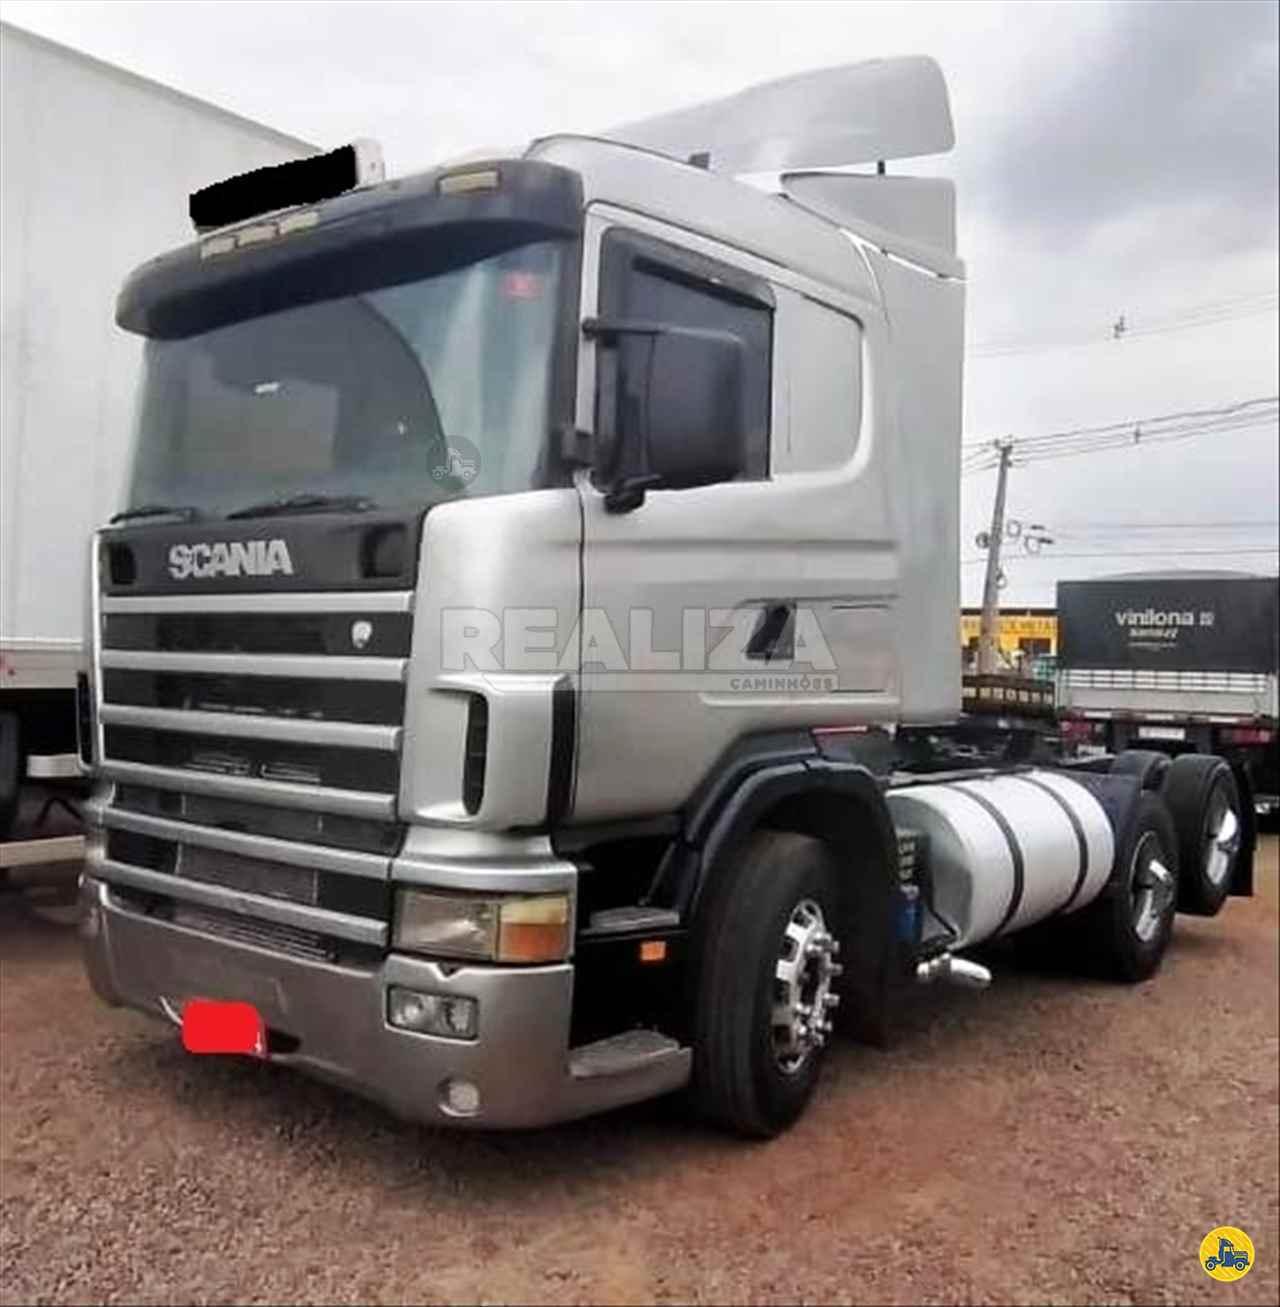 CAMINHAO SCANIA SCANIA 124 400 Cavalo Mecânico Truck 6x2 Realiza Caminhões - Umuarama UMUARAMA PARANÁ PR